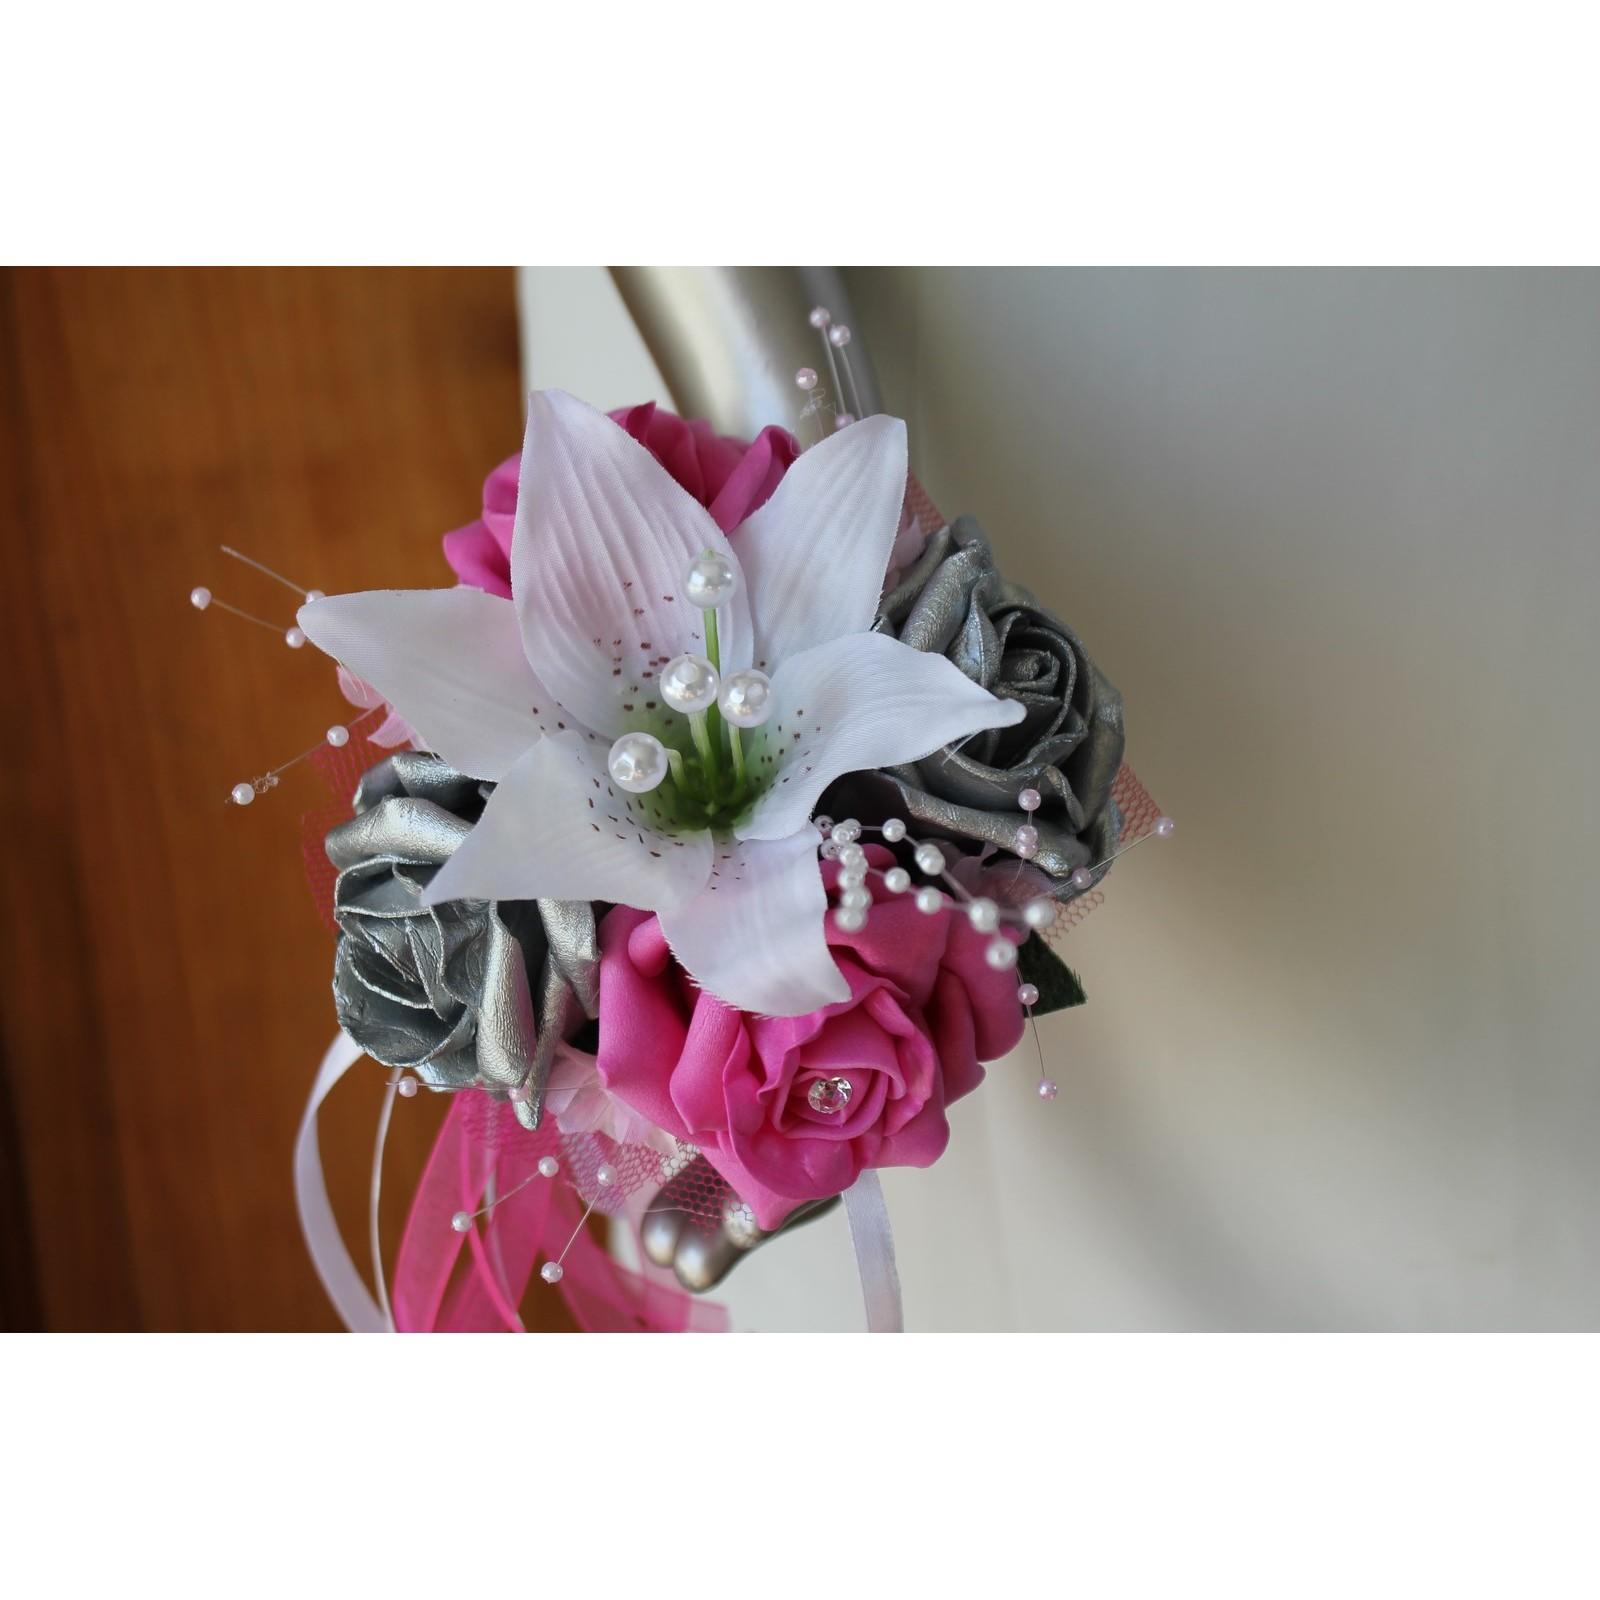 7 x boutonnières mariage et 1 x petite bouquet demoiselle d'honneur